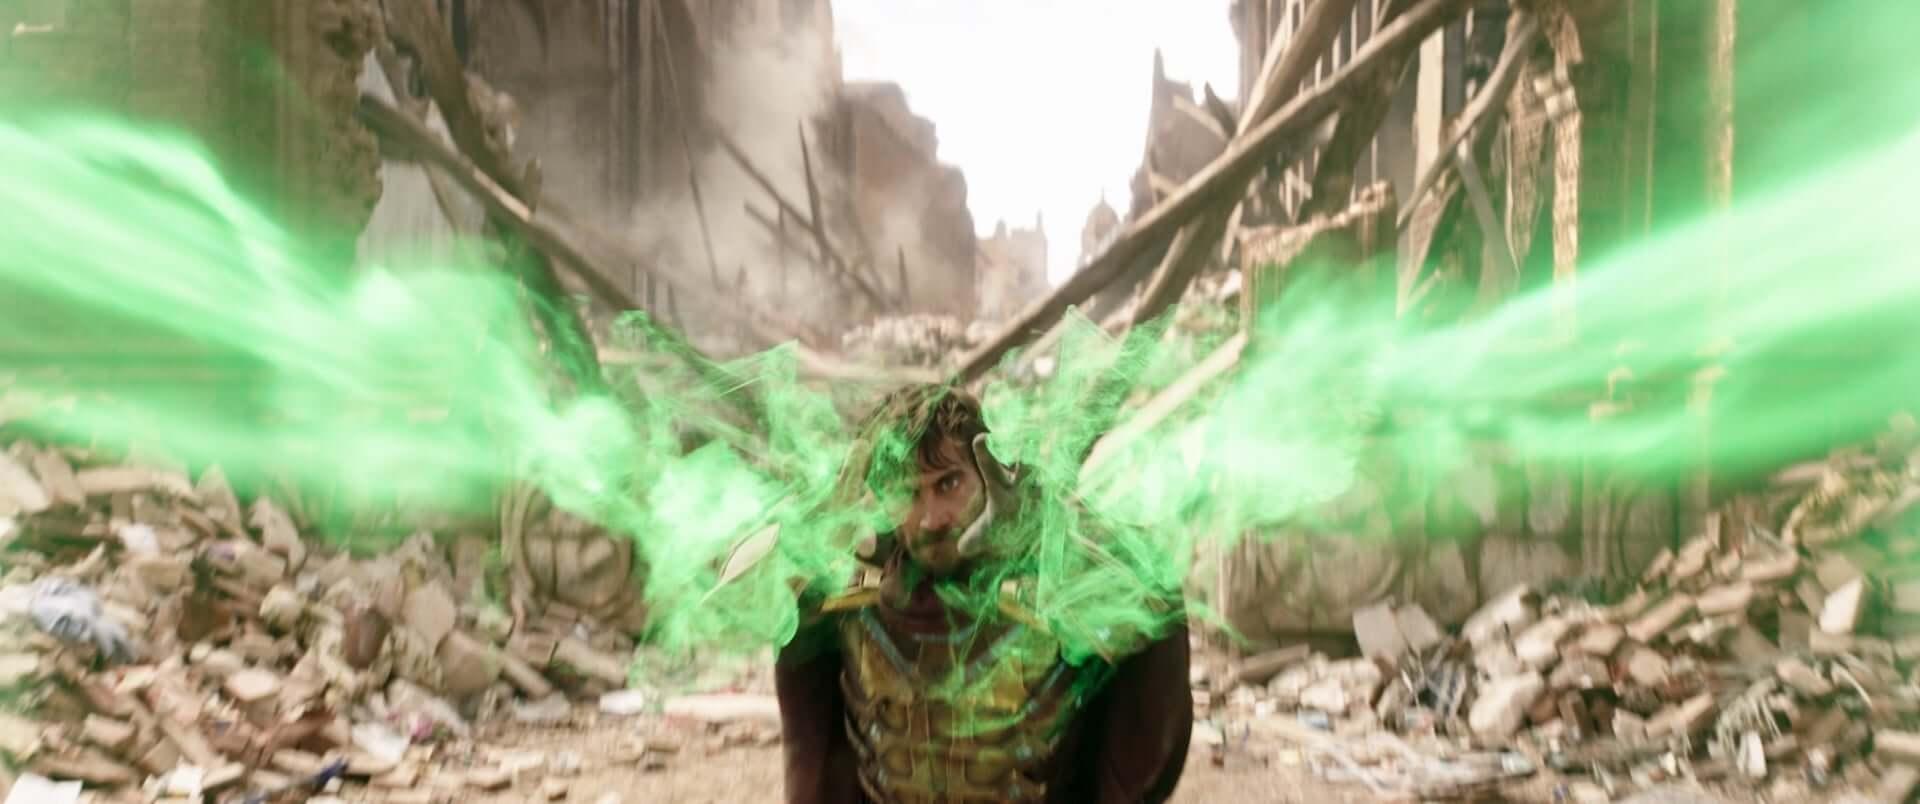 カギを握るのはニック・フューリー!?『スパイダーマン:ファー・フロム・ホーム』のキャストインタビュー映像第2弾公開 film190706spiderman-farfromhome-making_7-1920x804